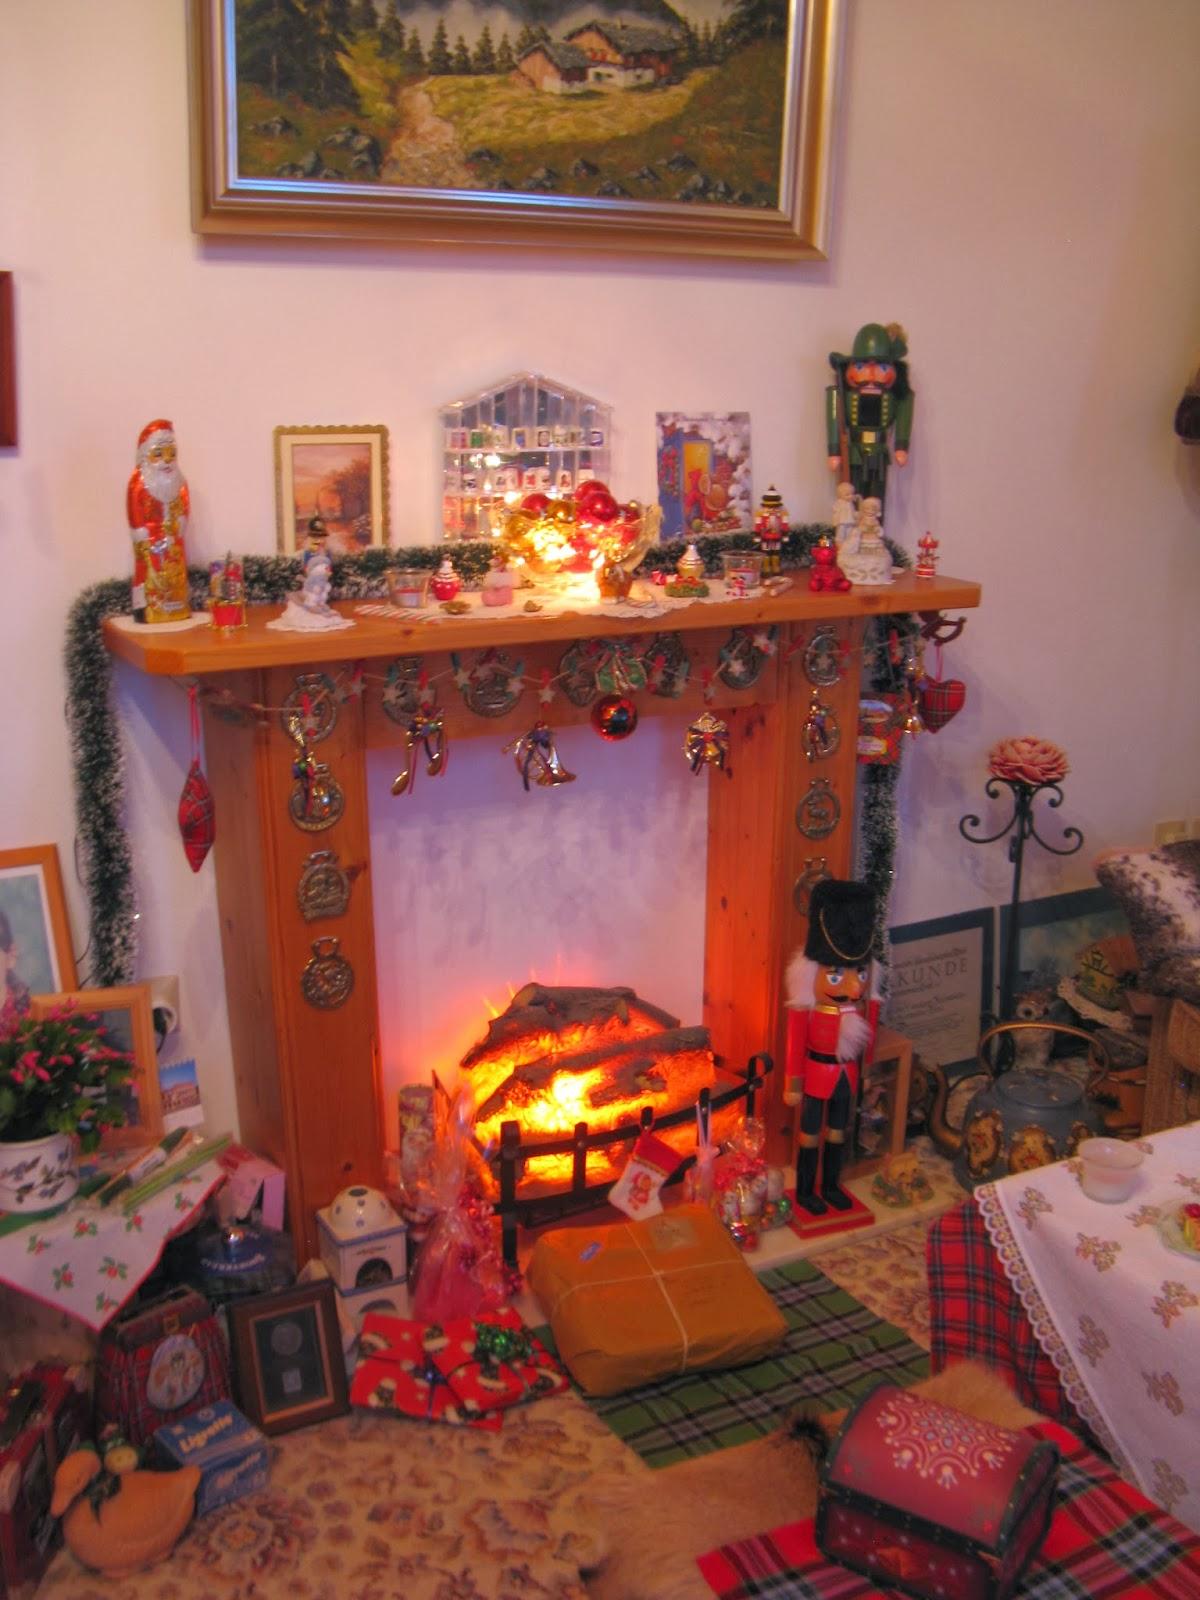 herzlich willkommen in meiner kleinen schatulle bilderpost kleine weihnachtsnachlese. Black Bedroom Furniture Sets. Home Design Ideas